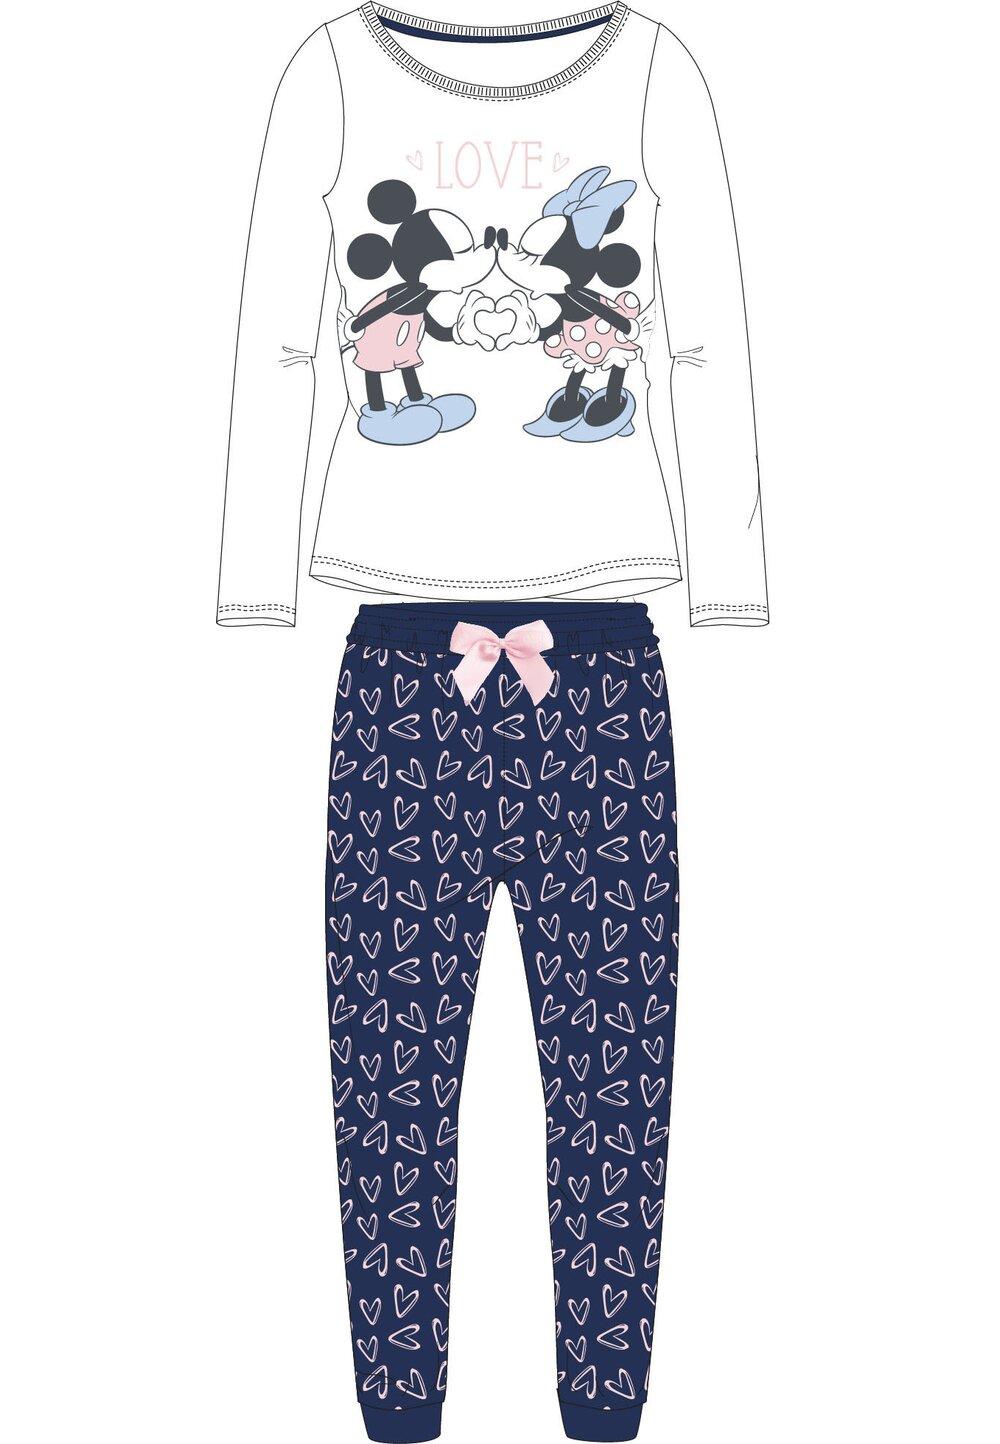 Pijama maneca lunga, Minnie and Mickey love, alba imagine